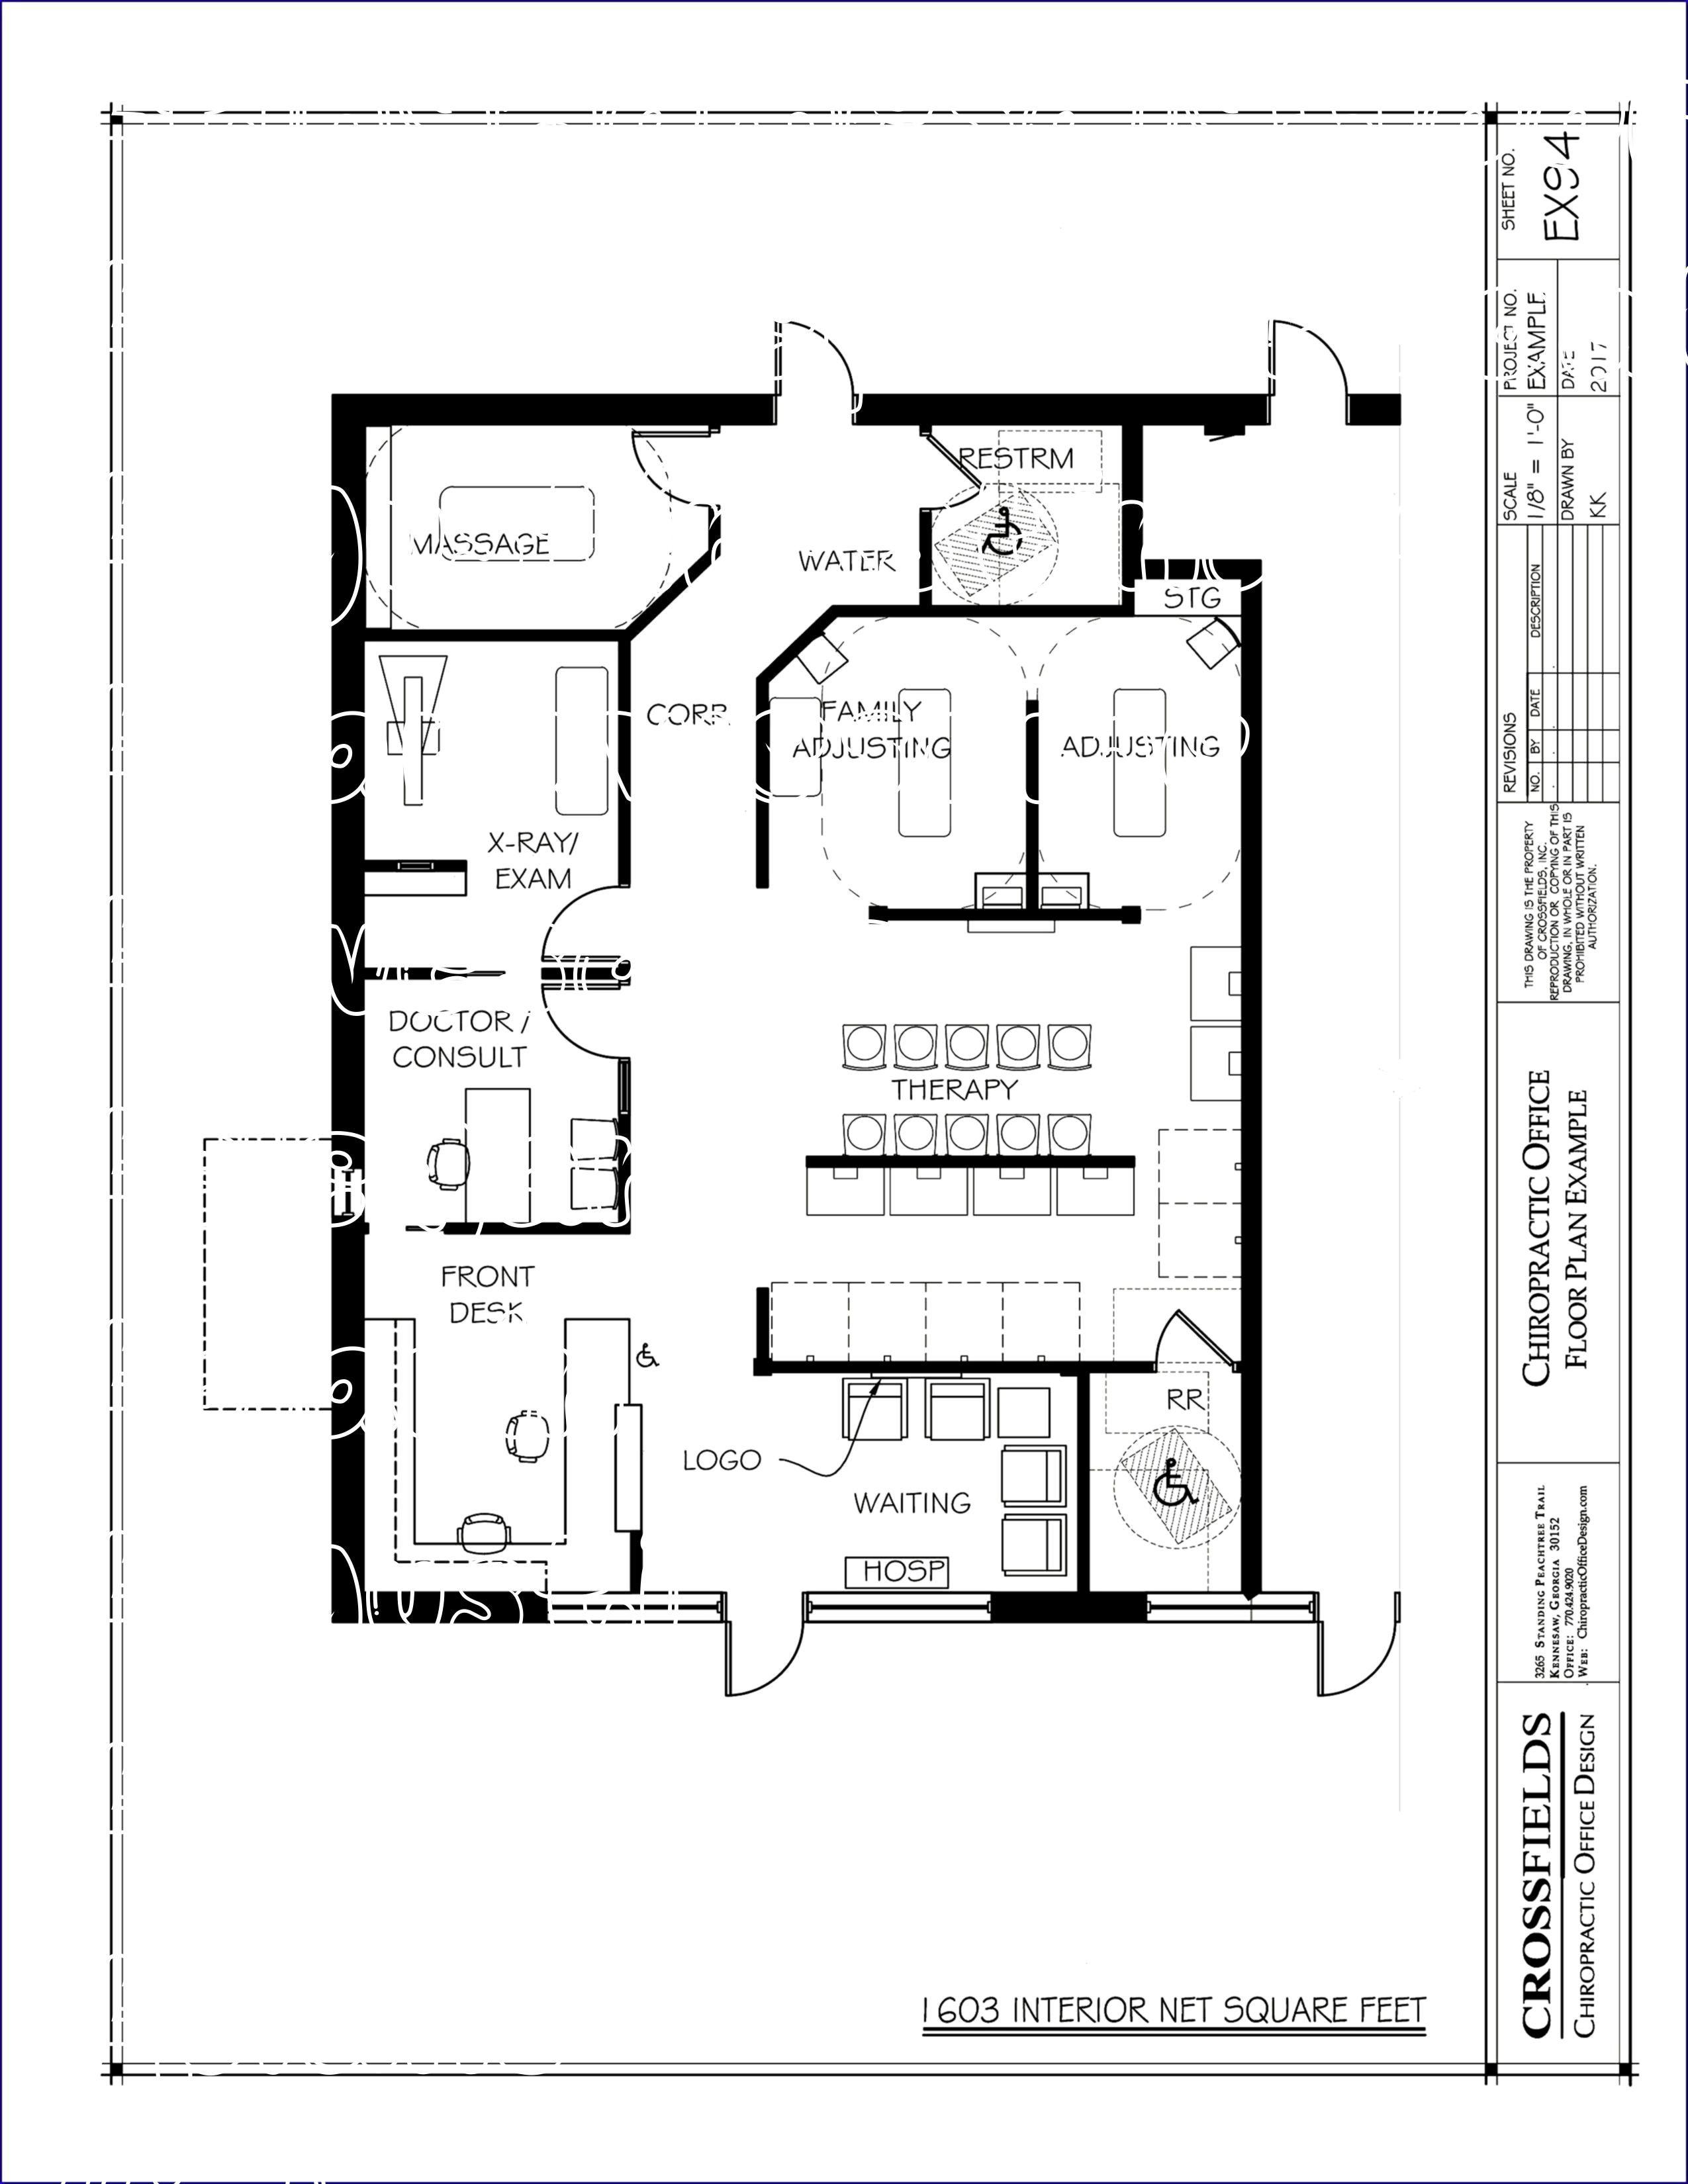 Tinyhomesdiyfloorplans Sunshinepowerboatsvi Agustinastina04 Planawesome Awesome Elegant Planin Agusti Astina Plans In 2020 Floor Plan Design Floor Plan Layout